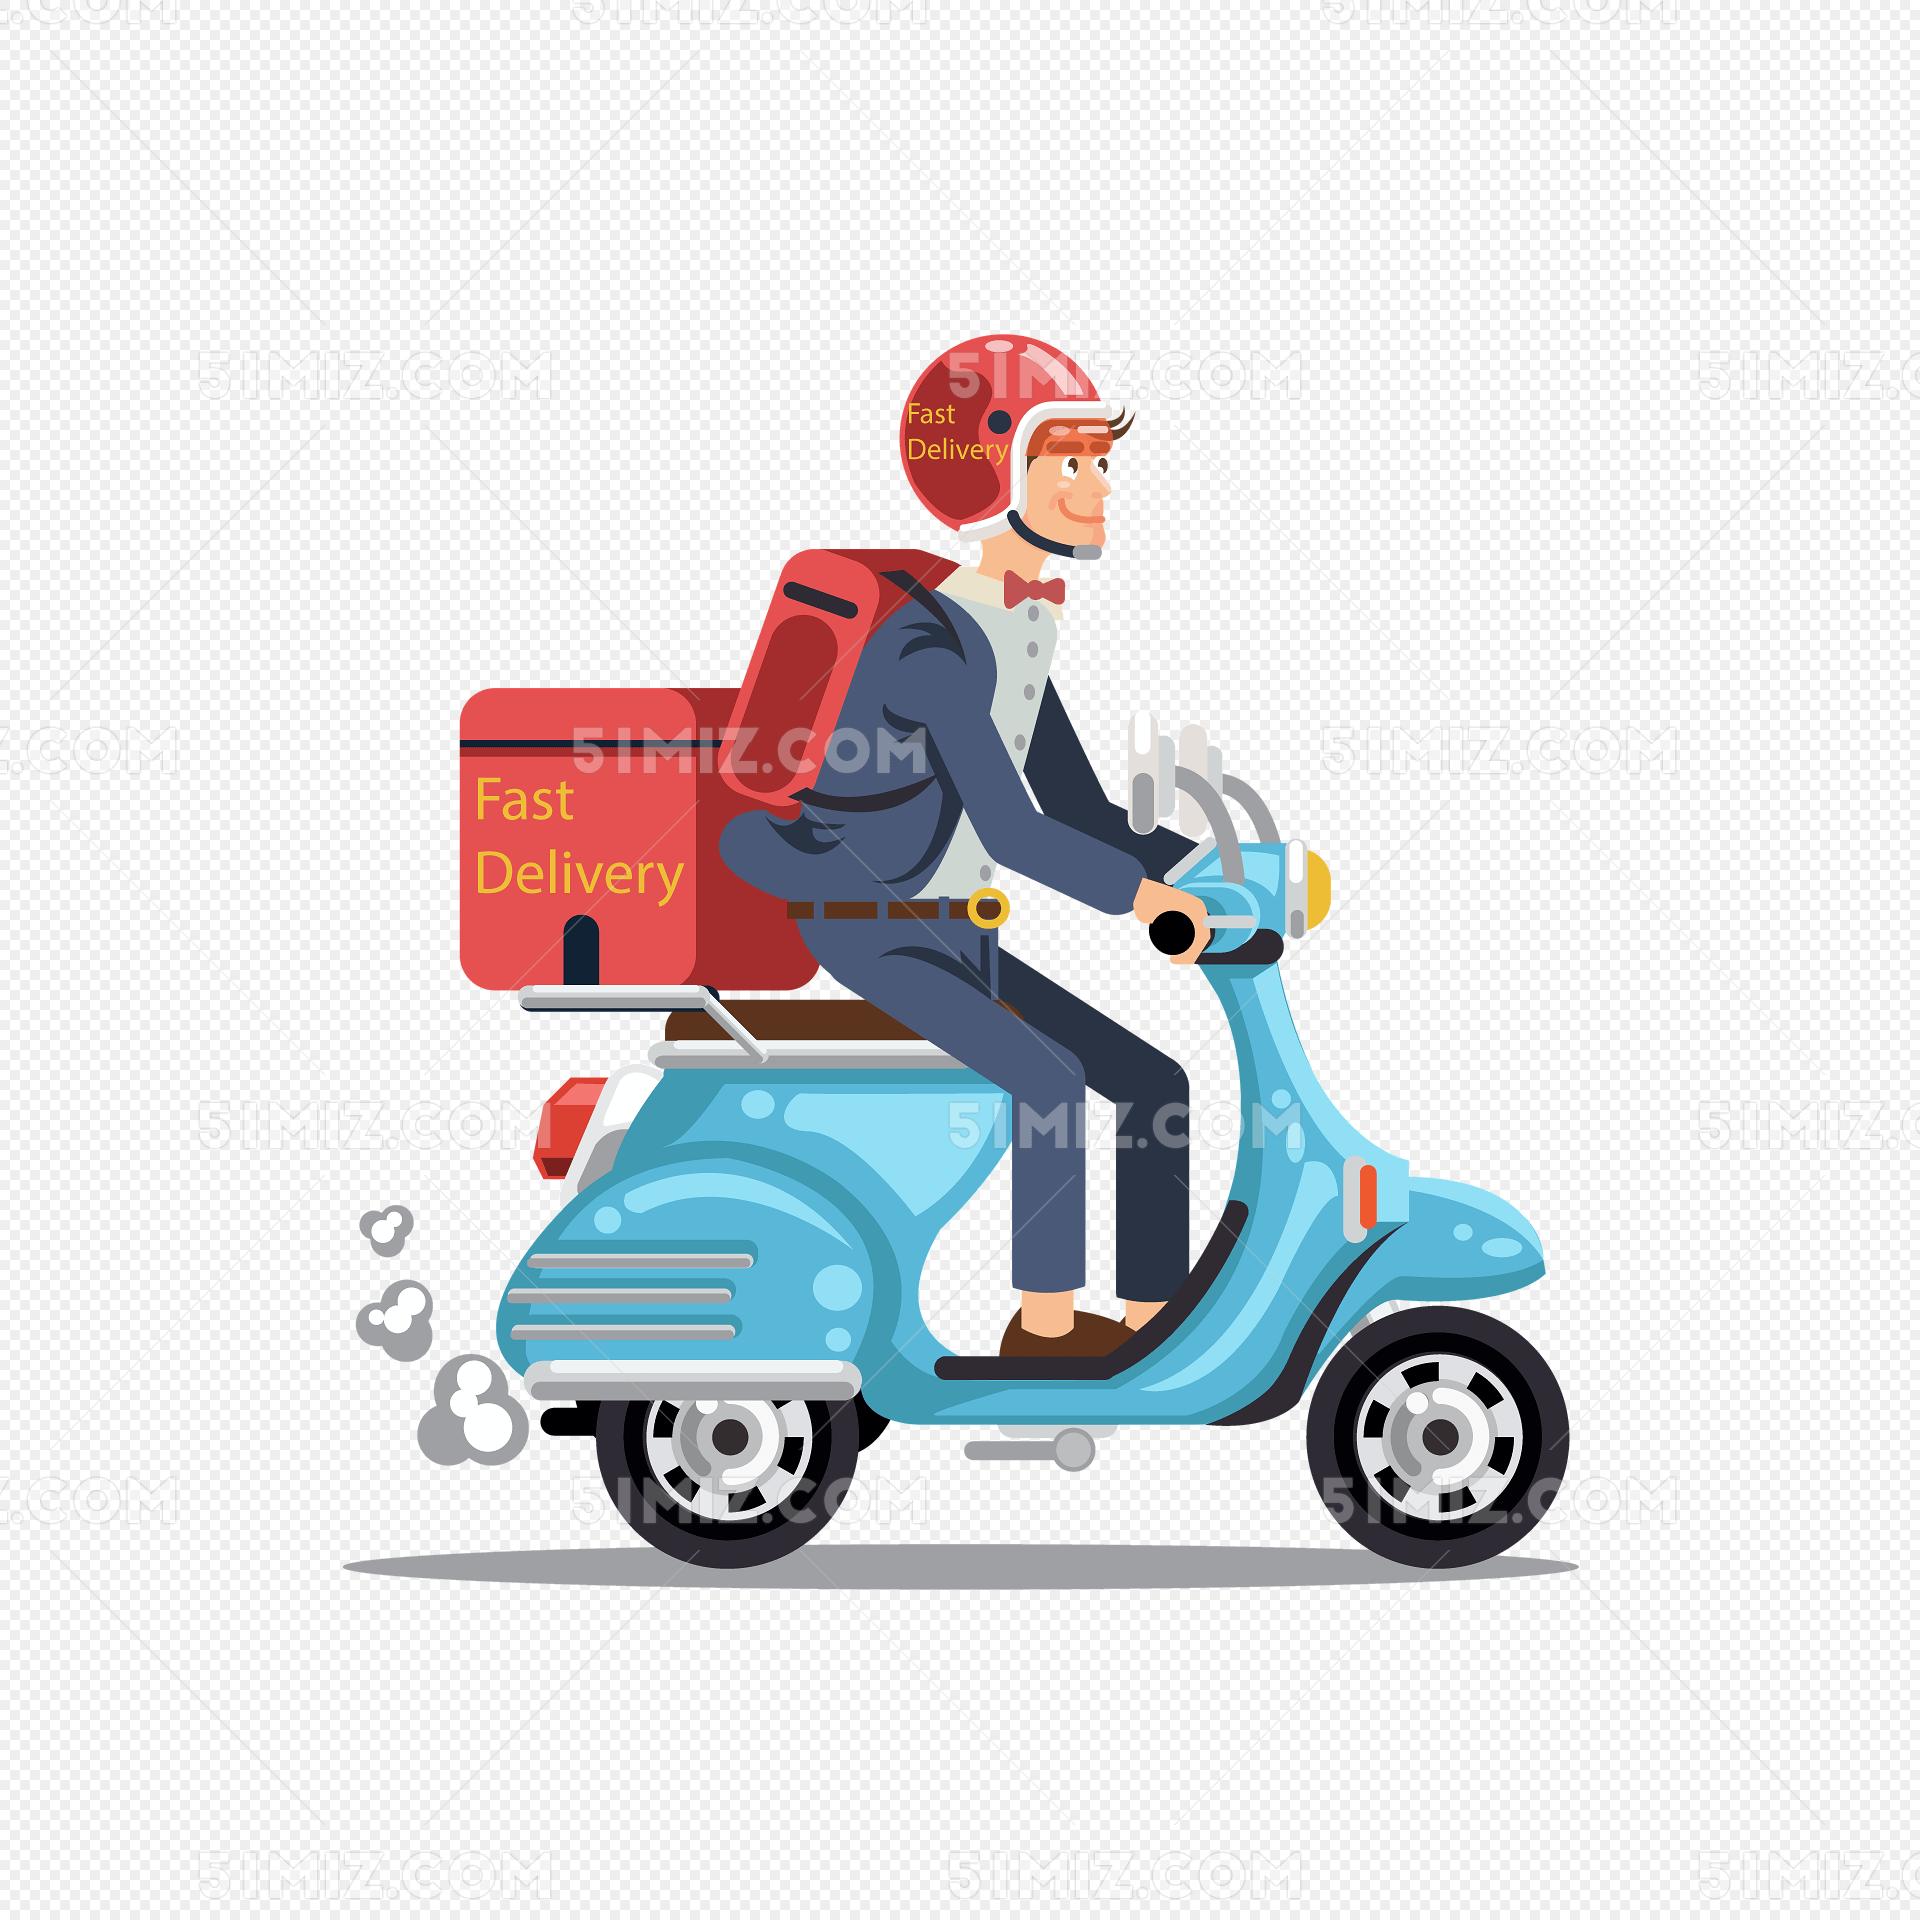 png素材 时尚外卖送餐员设计矢量图标签:卡通男子矢量图送餐员背景